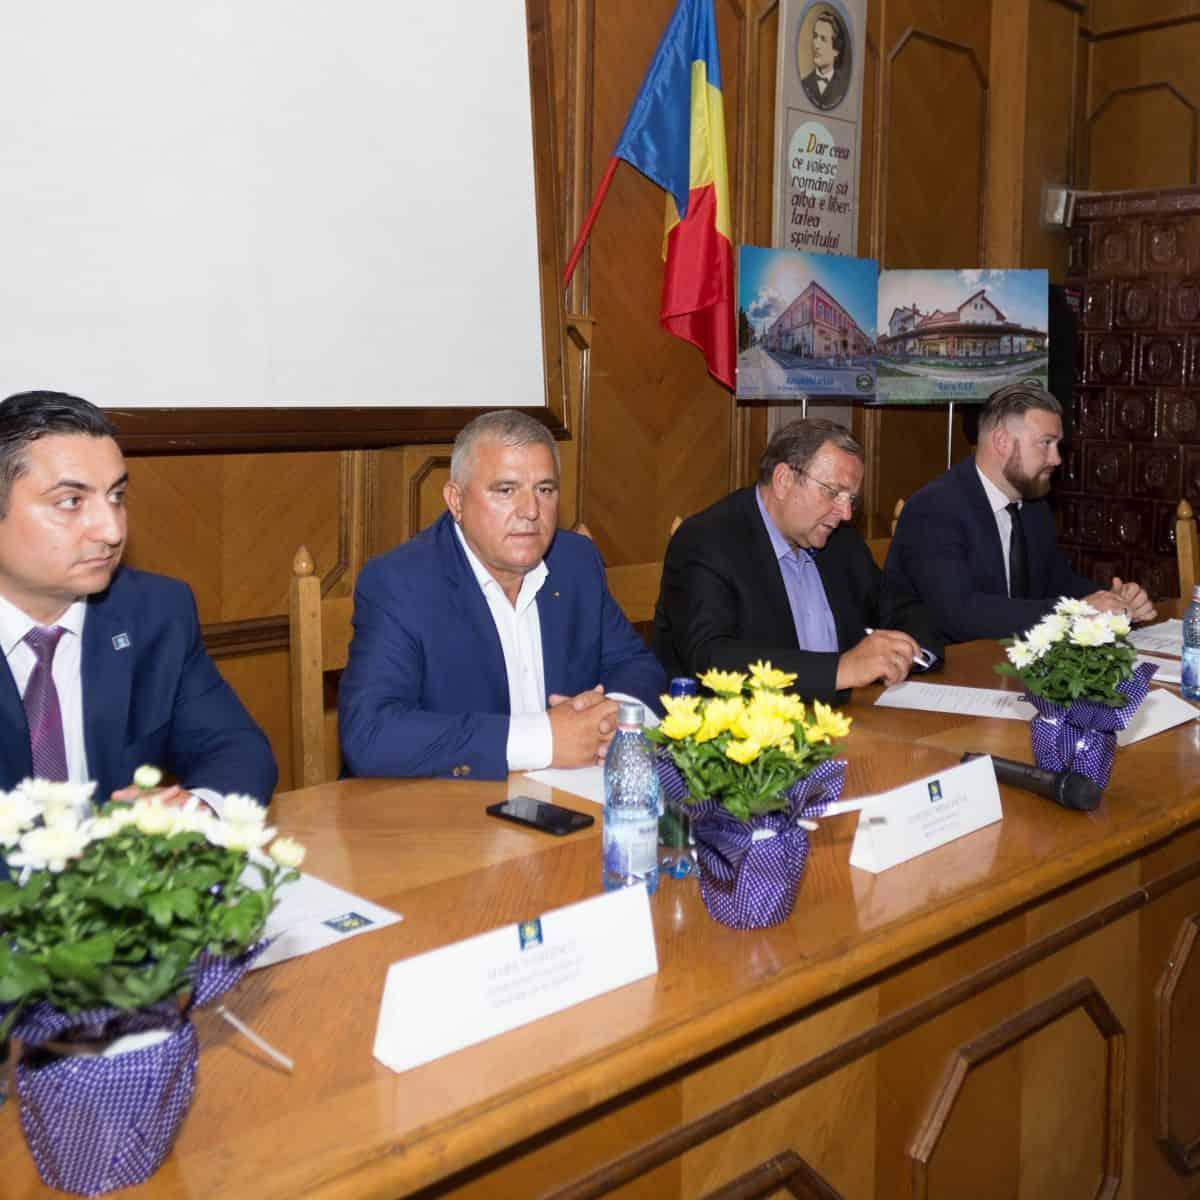 Infiintarea Biroului Politic Local Radauti